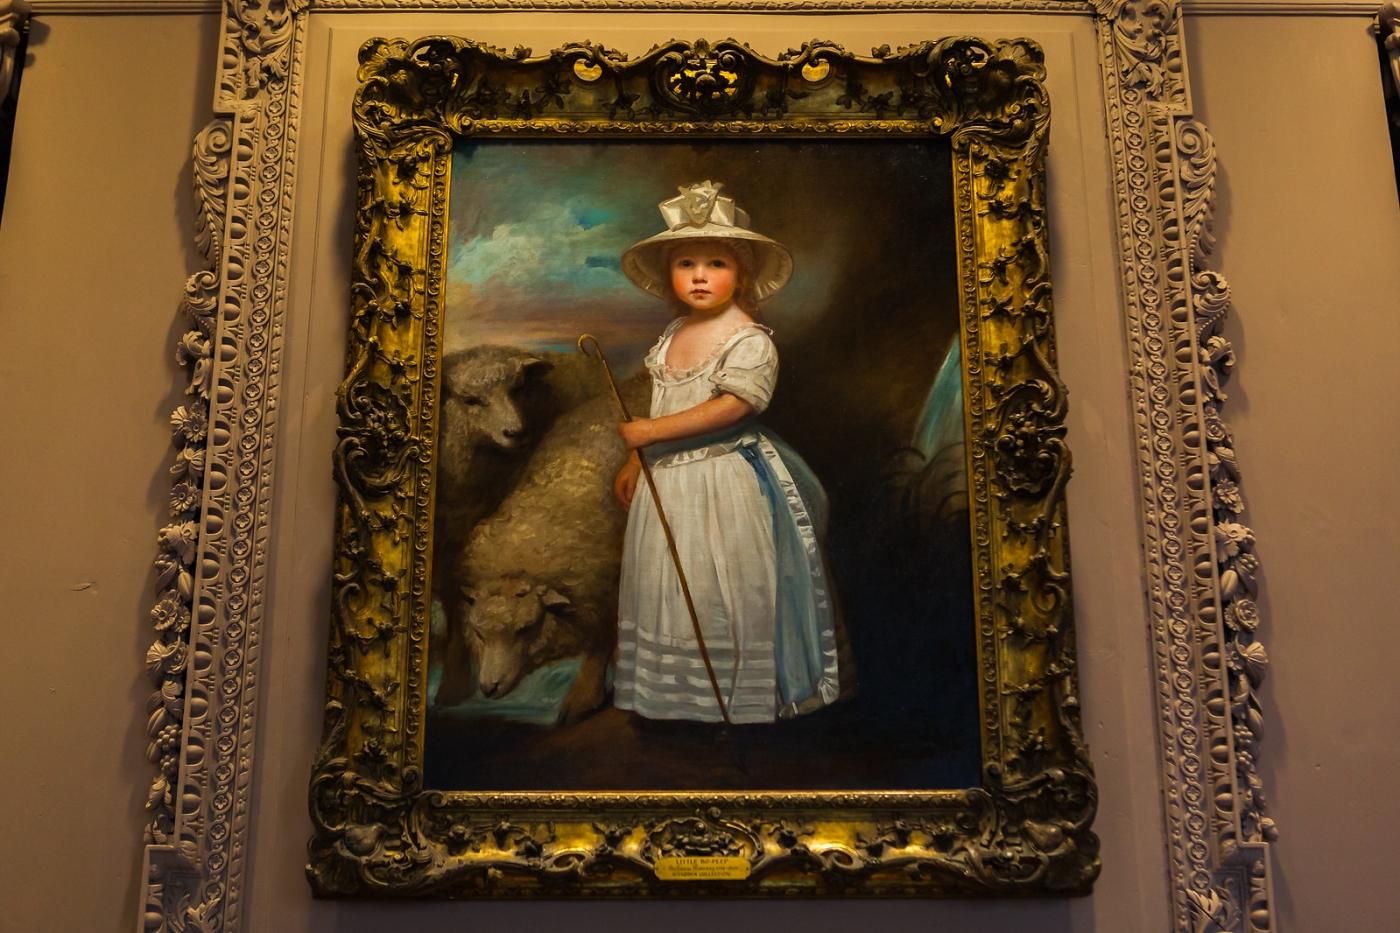 费城艺术馆,那些馆藏稀世油画_图1-1